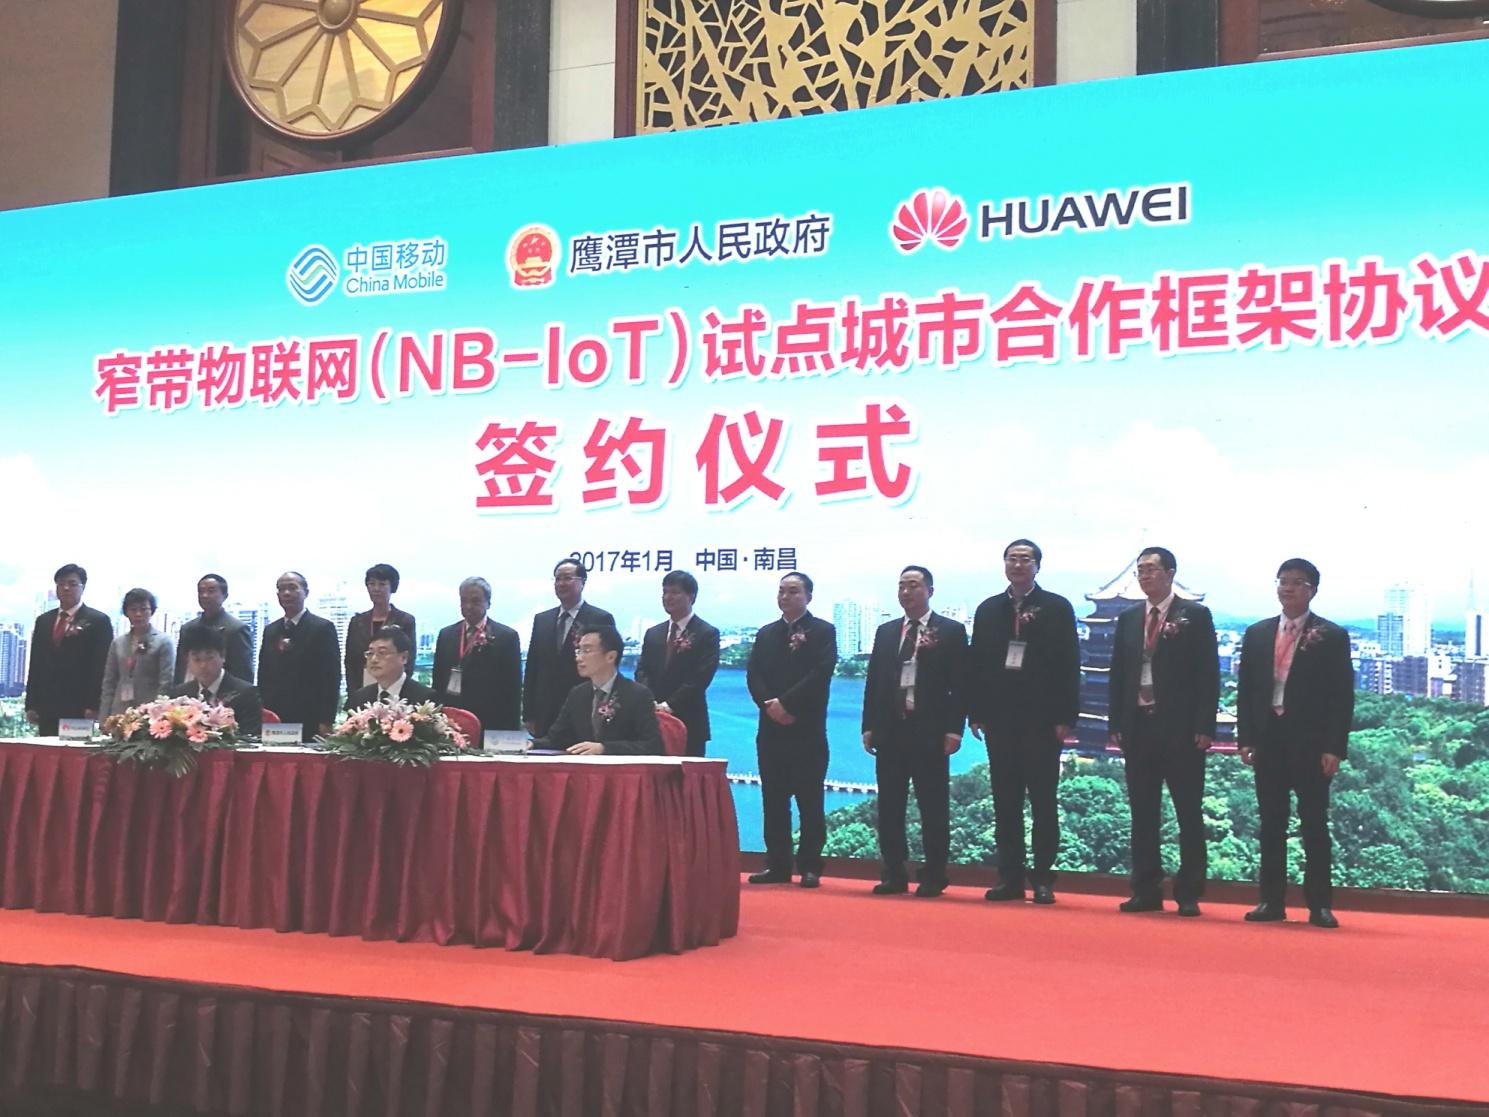 江西鹰潭市、江西移动和华为战略合作   共同推进物联网云产业发展